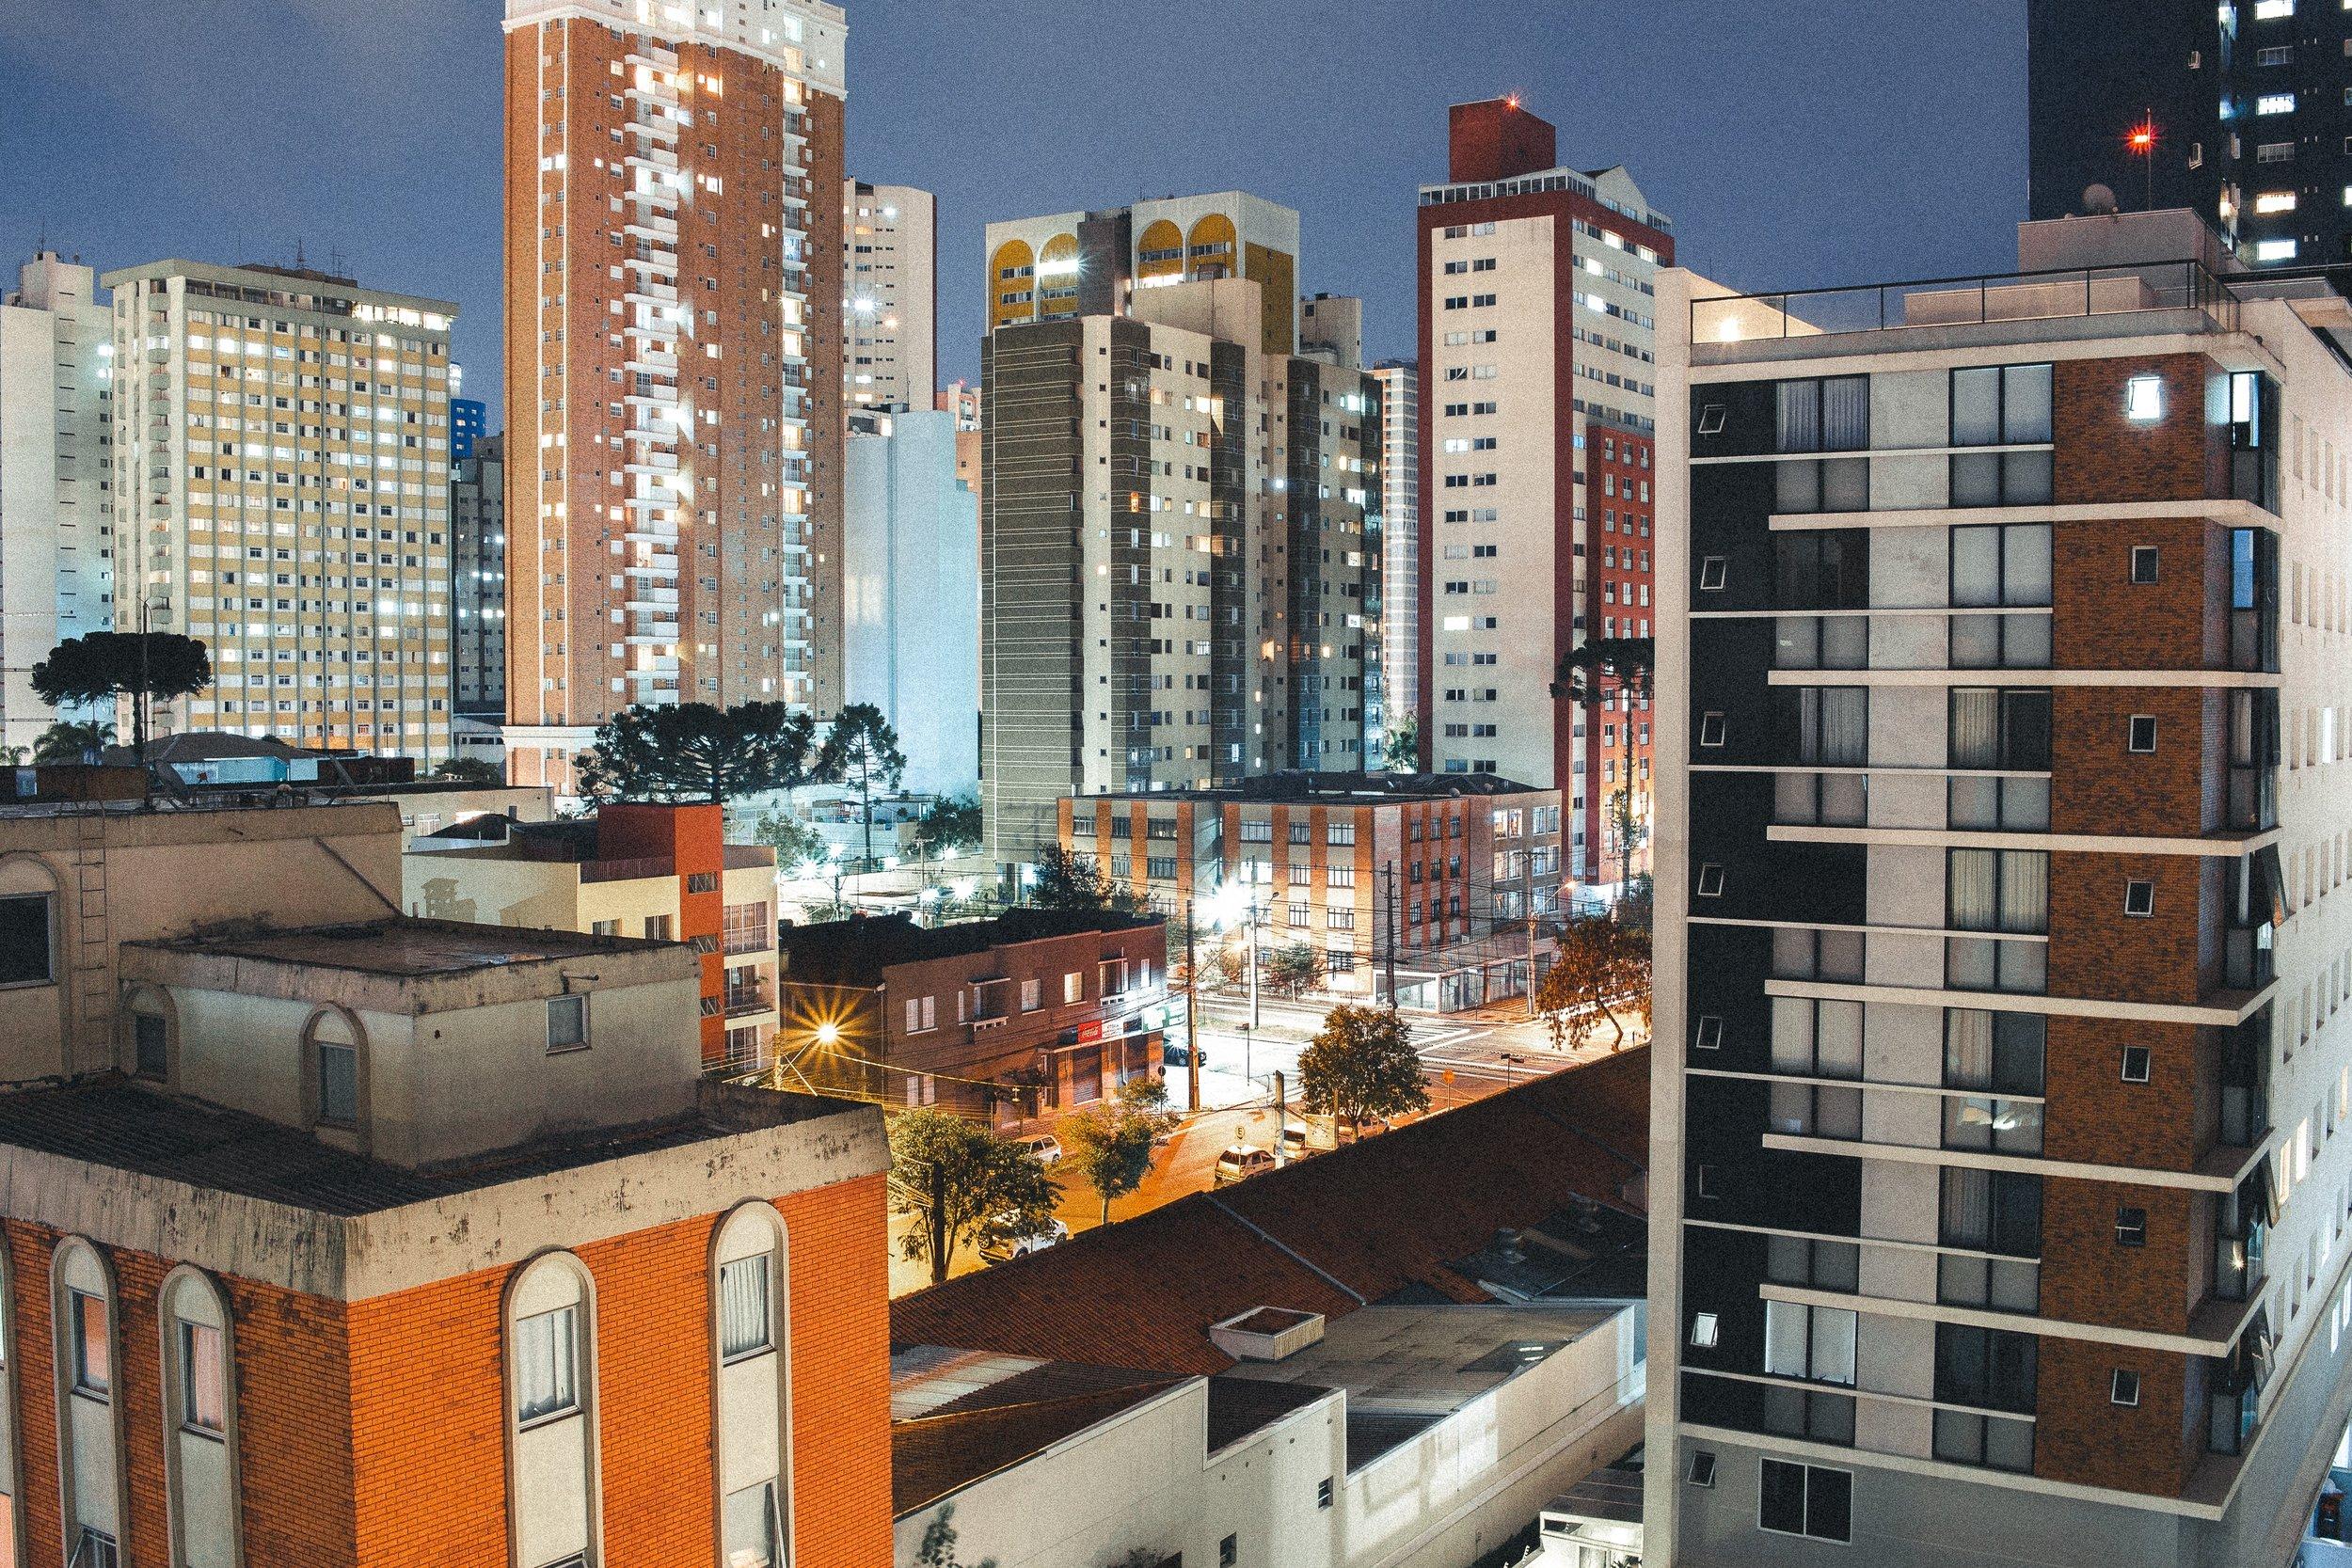 apartment-buildings-architecture-buildings-1687158.jpg